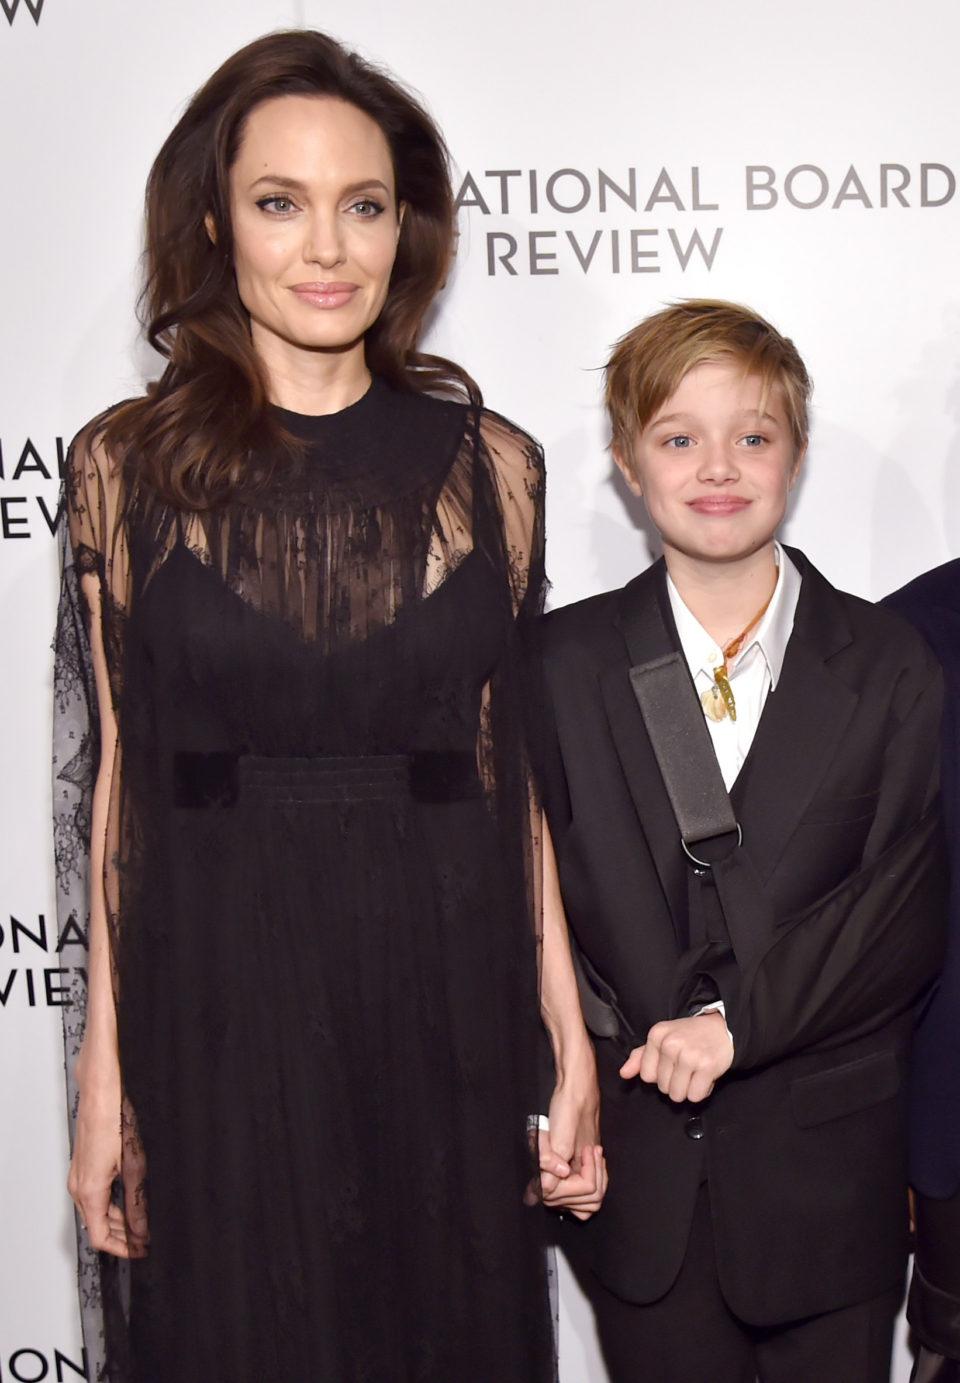 Это удар для него: Дочь Анджелины Джоли Шайло отказалась от фамилии отца